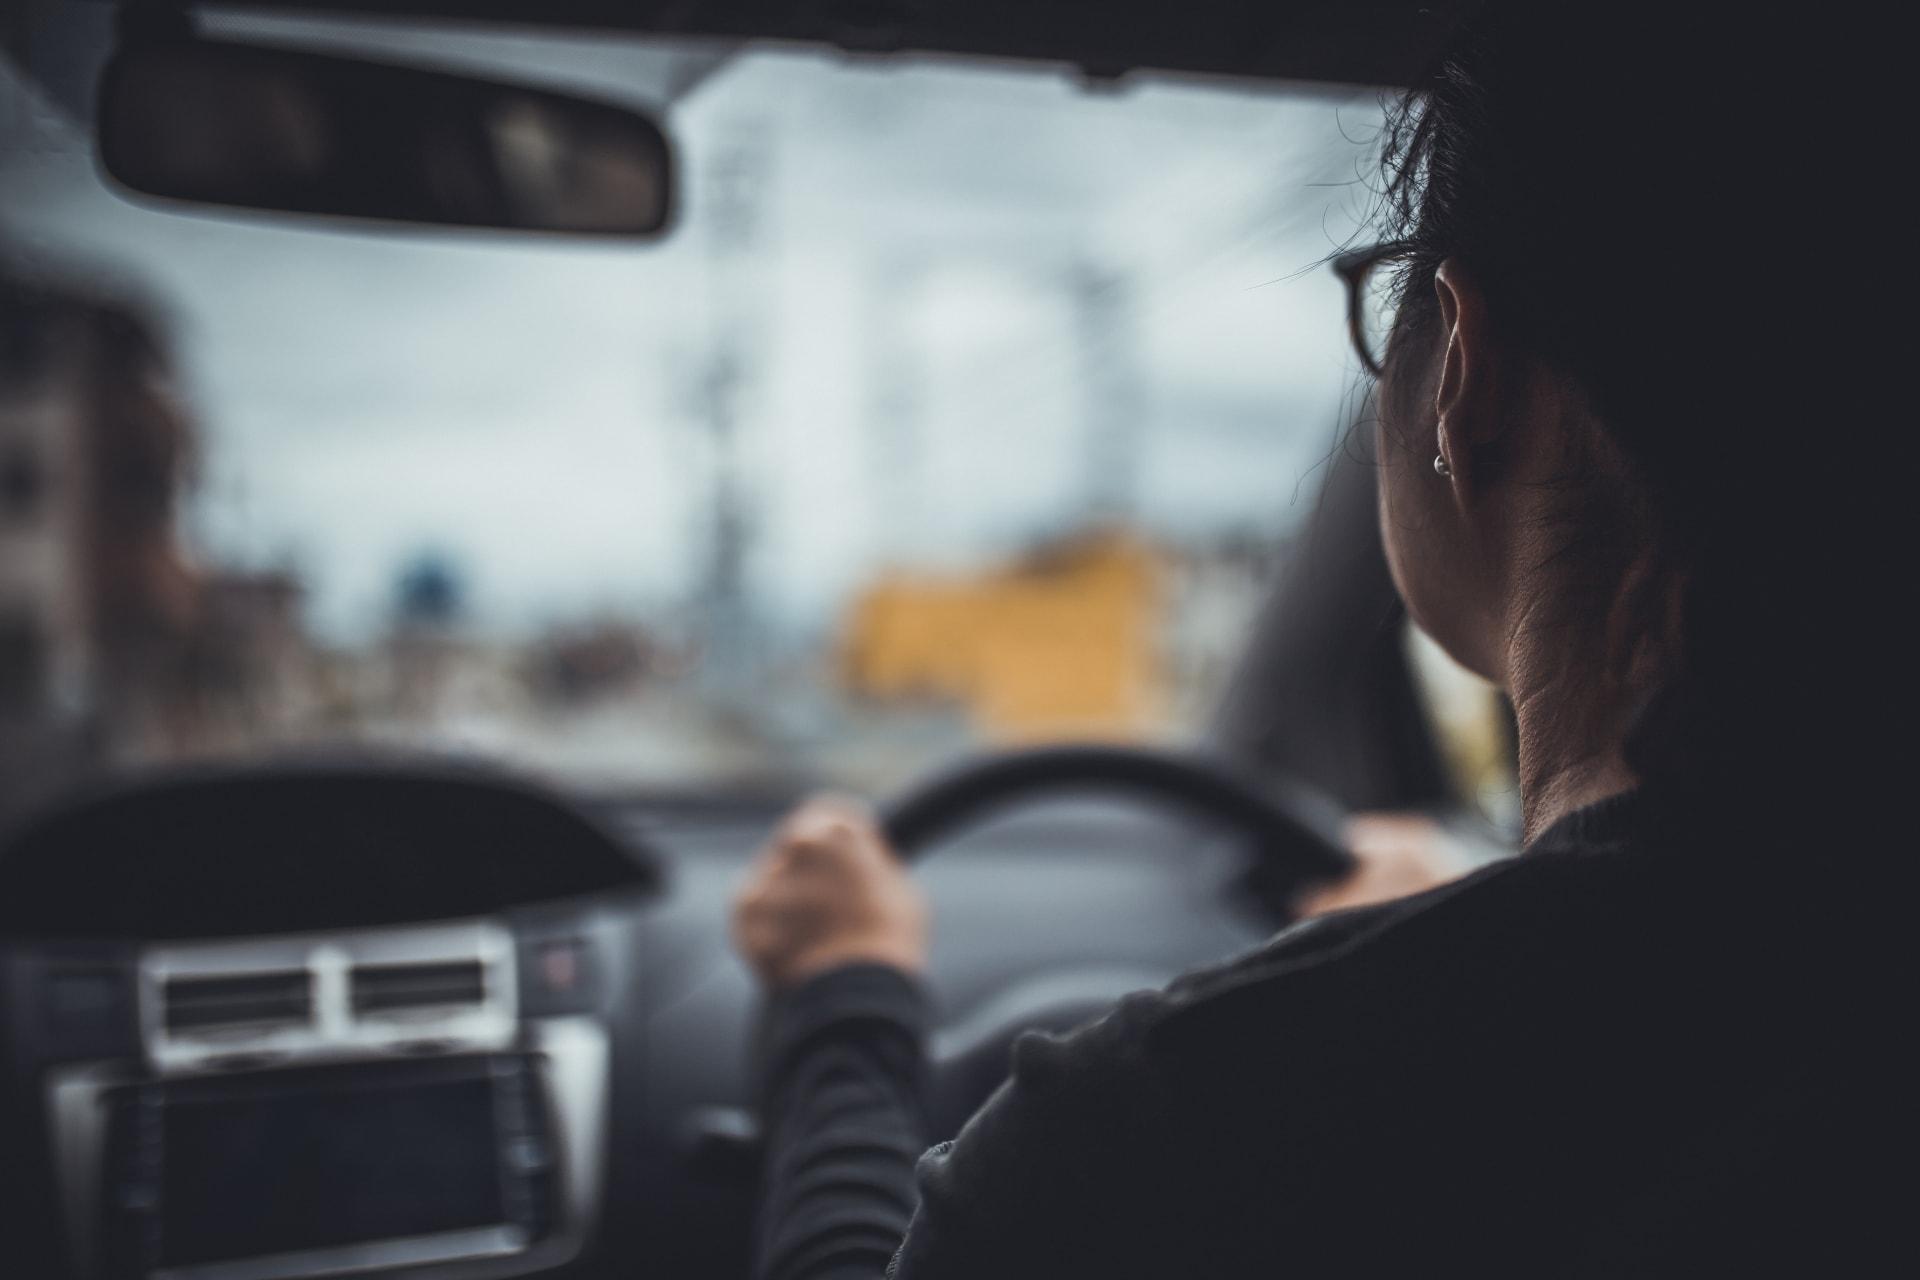 【自動車保険】自動車保険の家族間での等級の引継ぎ